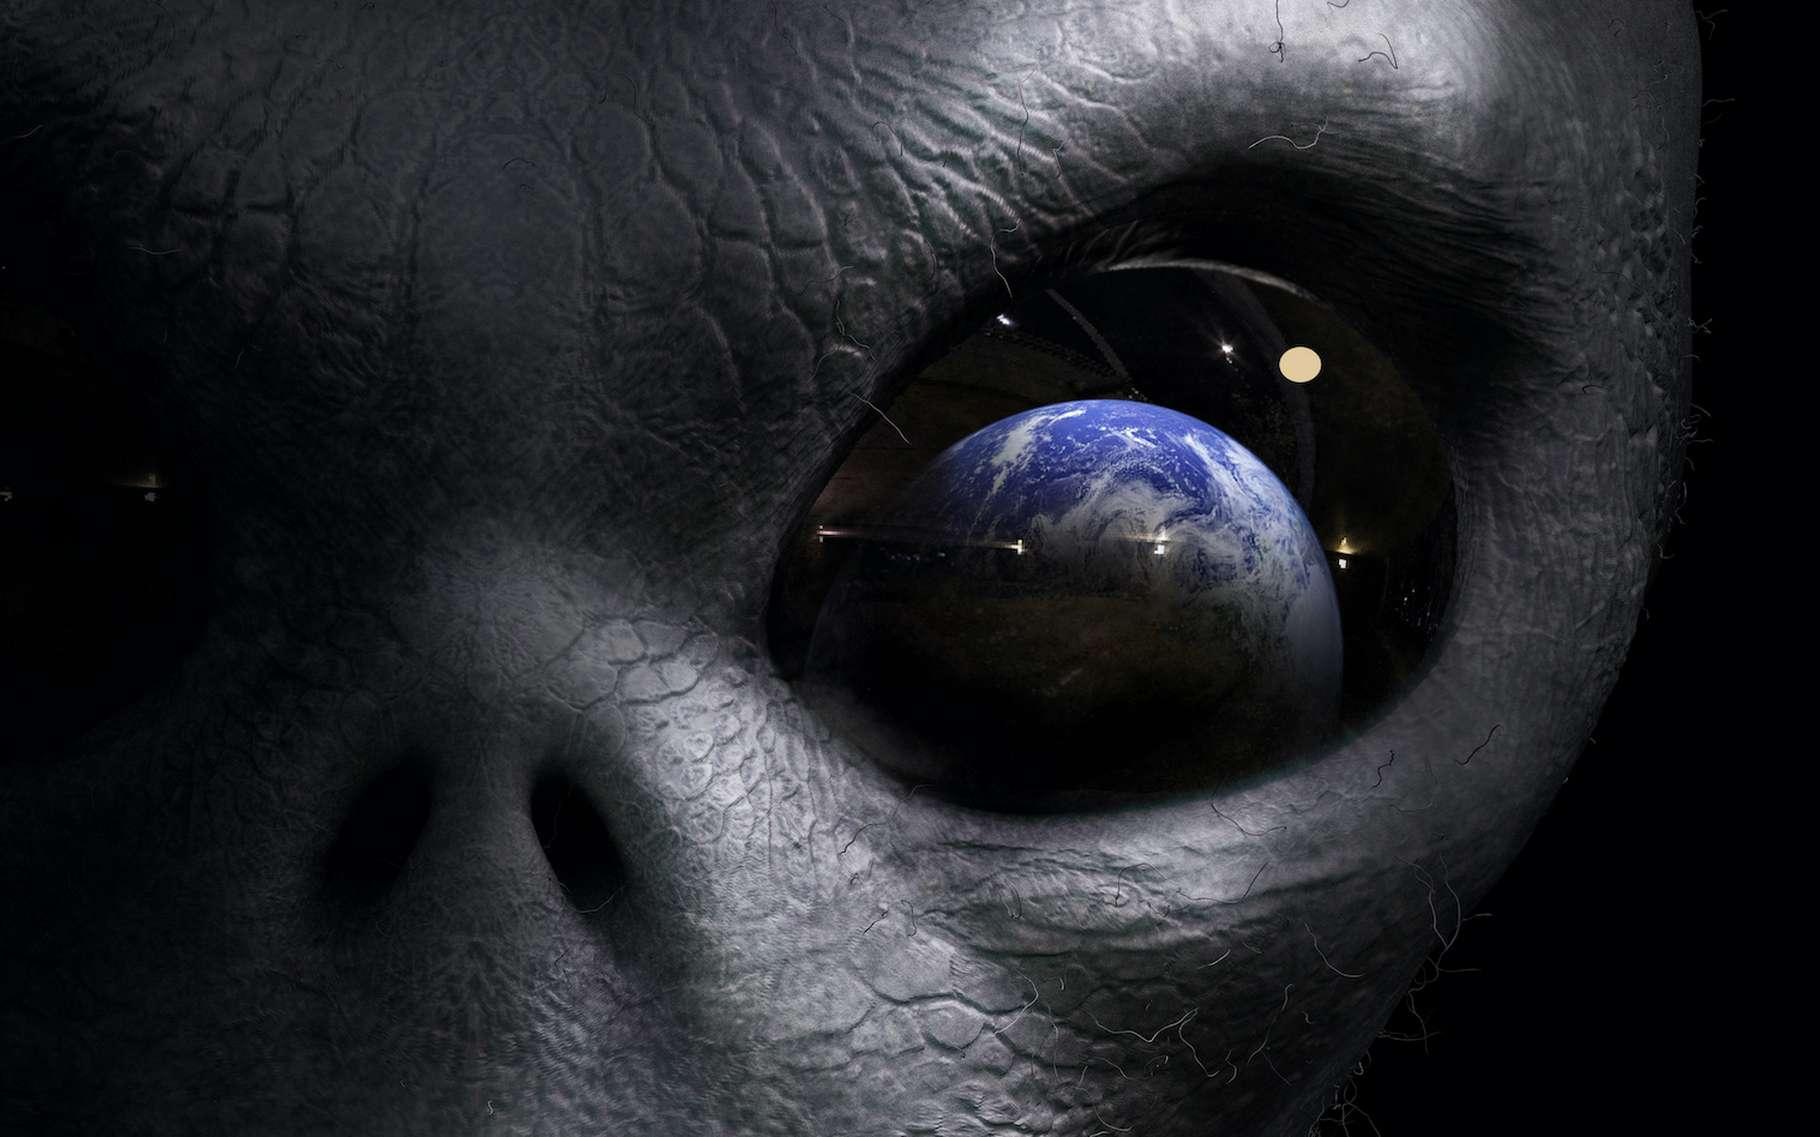 Les scientifiques impliqués dans le projet Mermoz — pour Monitoring plaEtary SuRfaces with Modern pOlarimetric characteriZation — cherchent à savoir si la vie sur Terre peut être détectée depuis l'espace. Ils pensent aujourd'hui avoir fait un grand pas en ce sens. © adimas, Adobe Stock